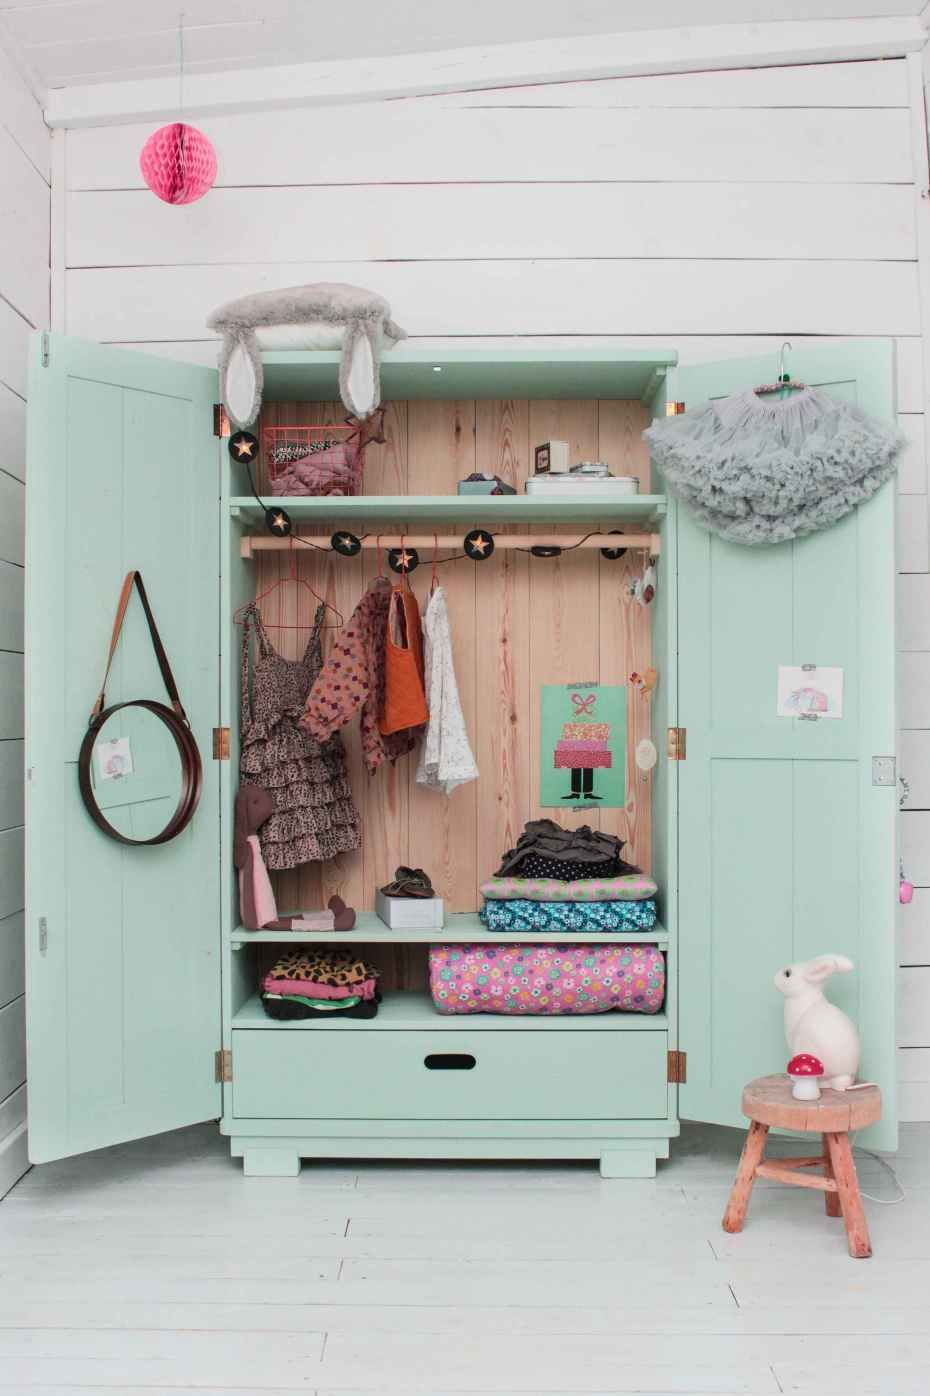 Mooie Kinder Kledingkast.Kast En Kleuren Mooie Dingen Voor In Huis Pinterest Facebook